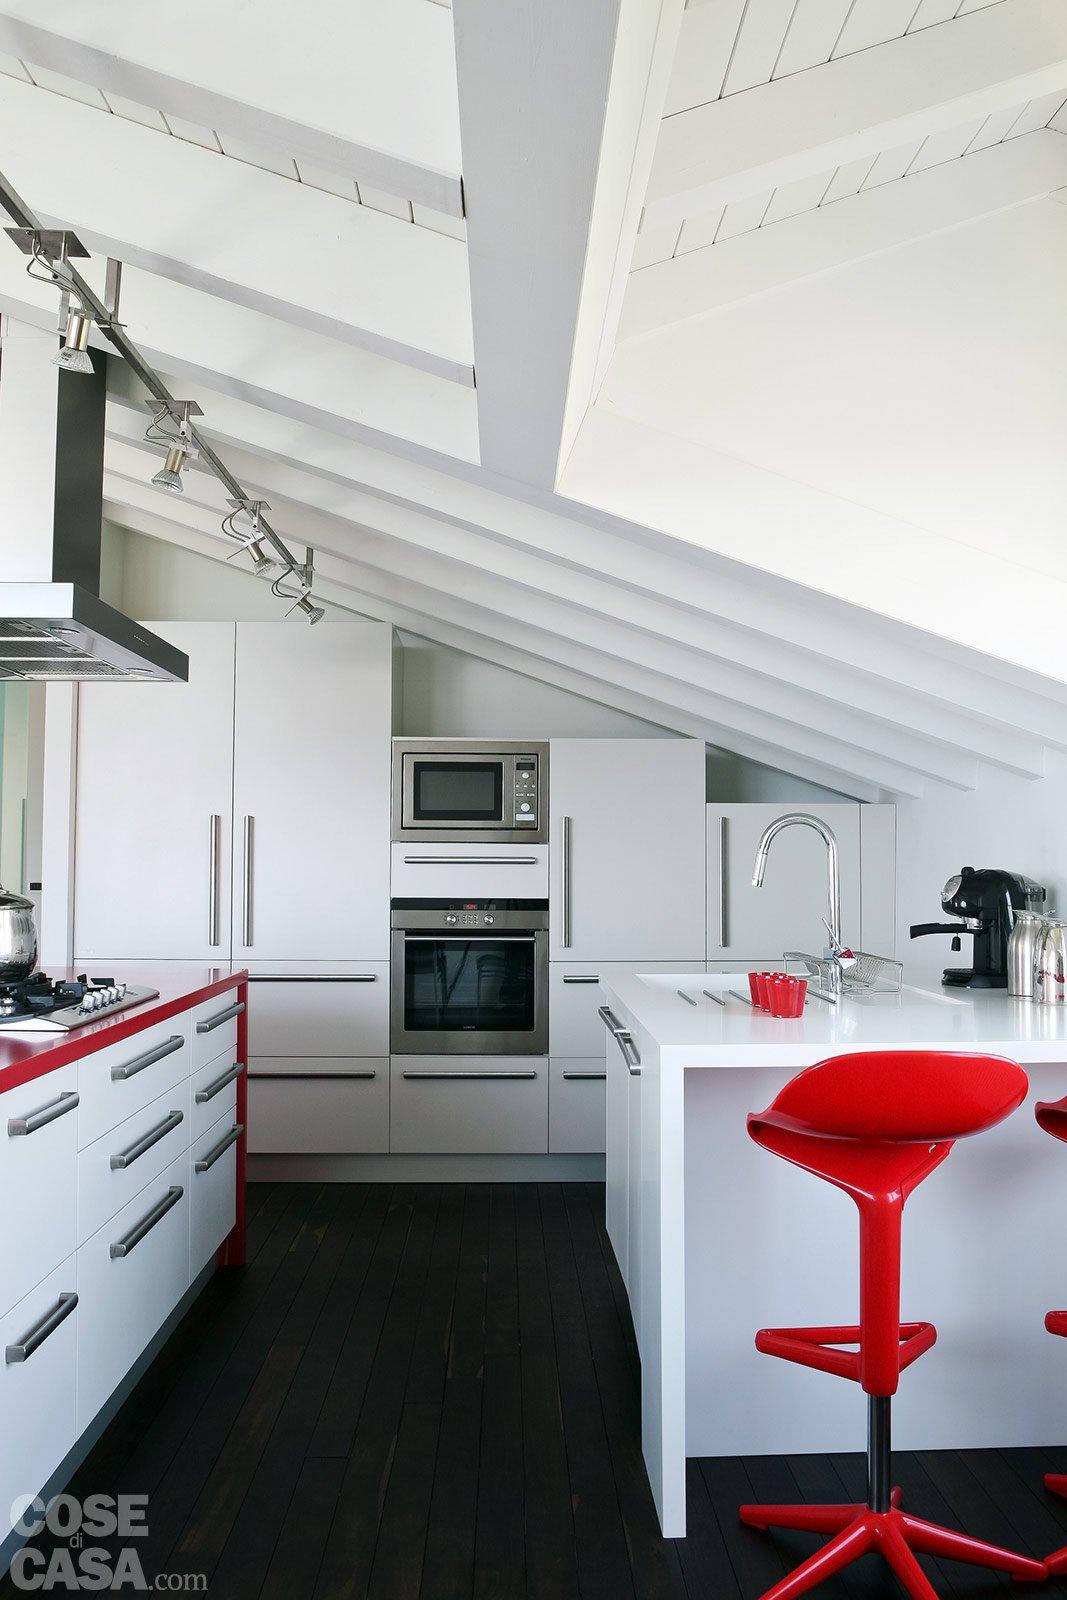 Arredare mansarda idee per arredare il soggiorno in - Come riscaldare casa in modo economico ...